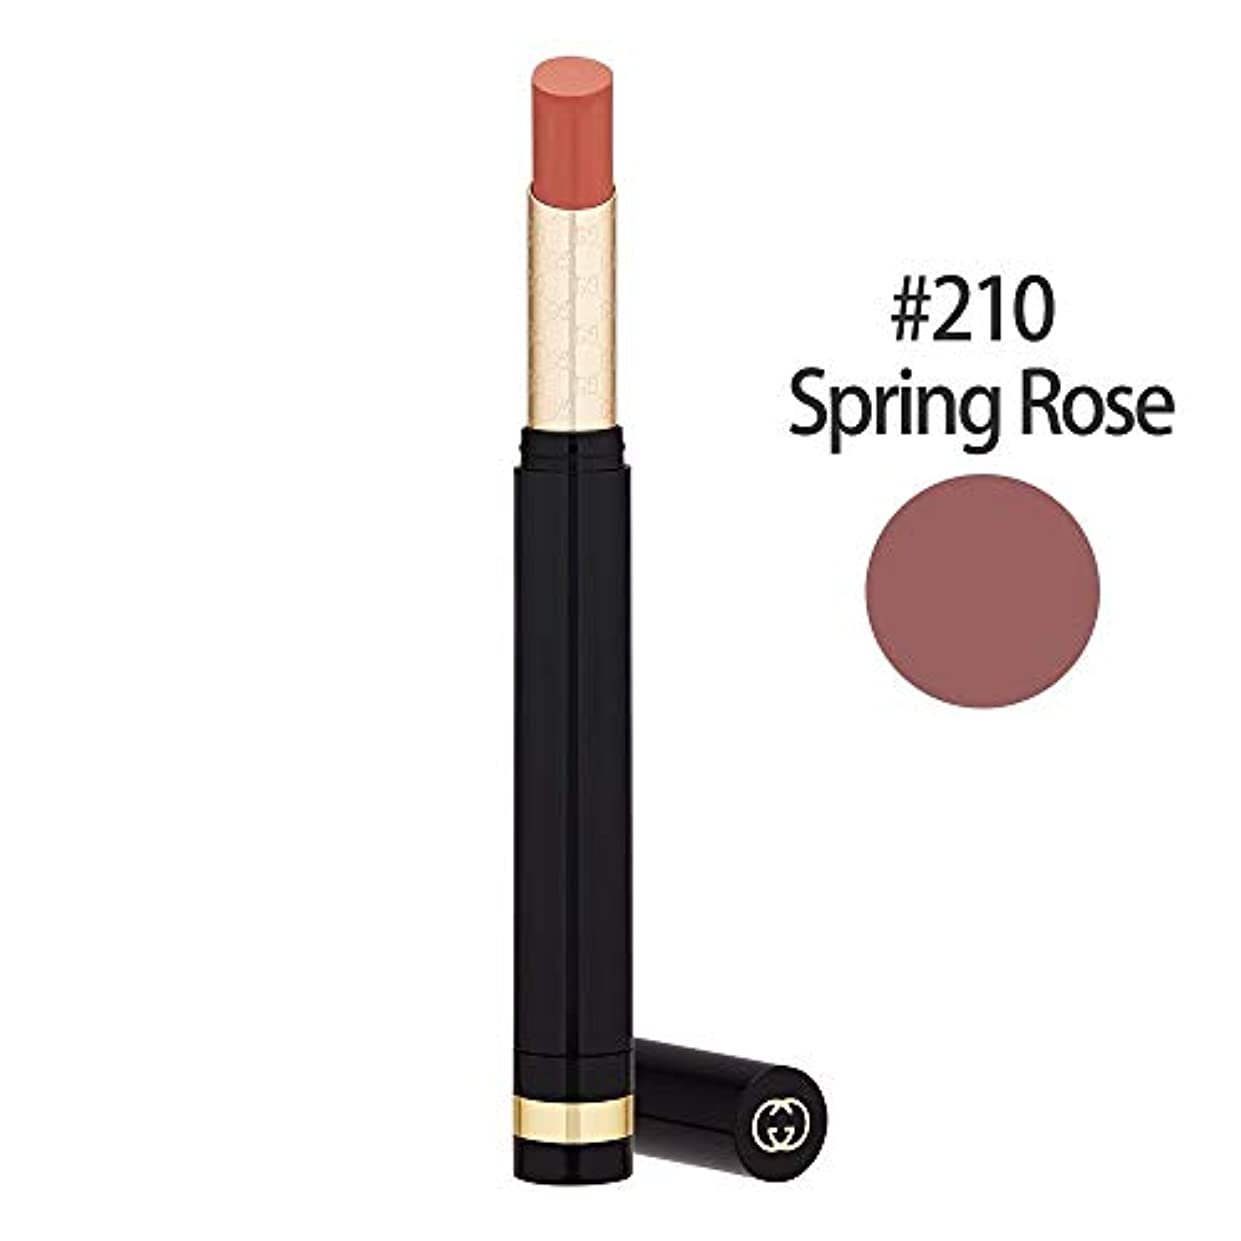 落胆するファランクス反逆者グッチ(GUCCI) センシュアスディープマット リップスティック #210(Spring Rose) 1.5g [並行輸入品]